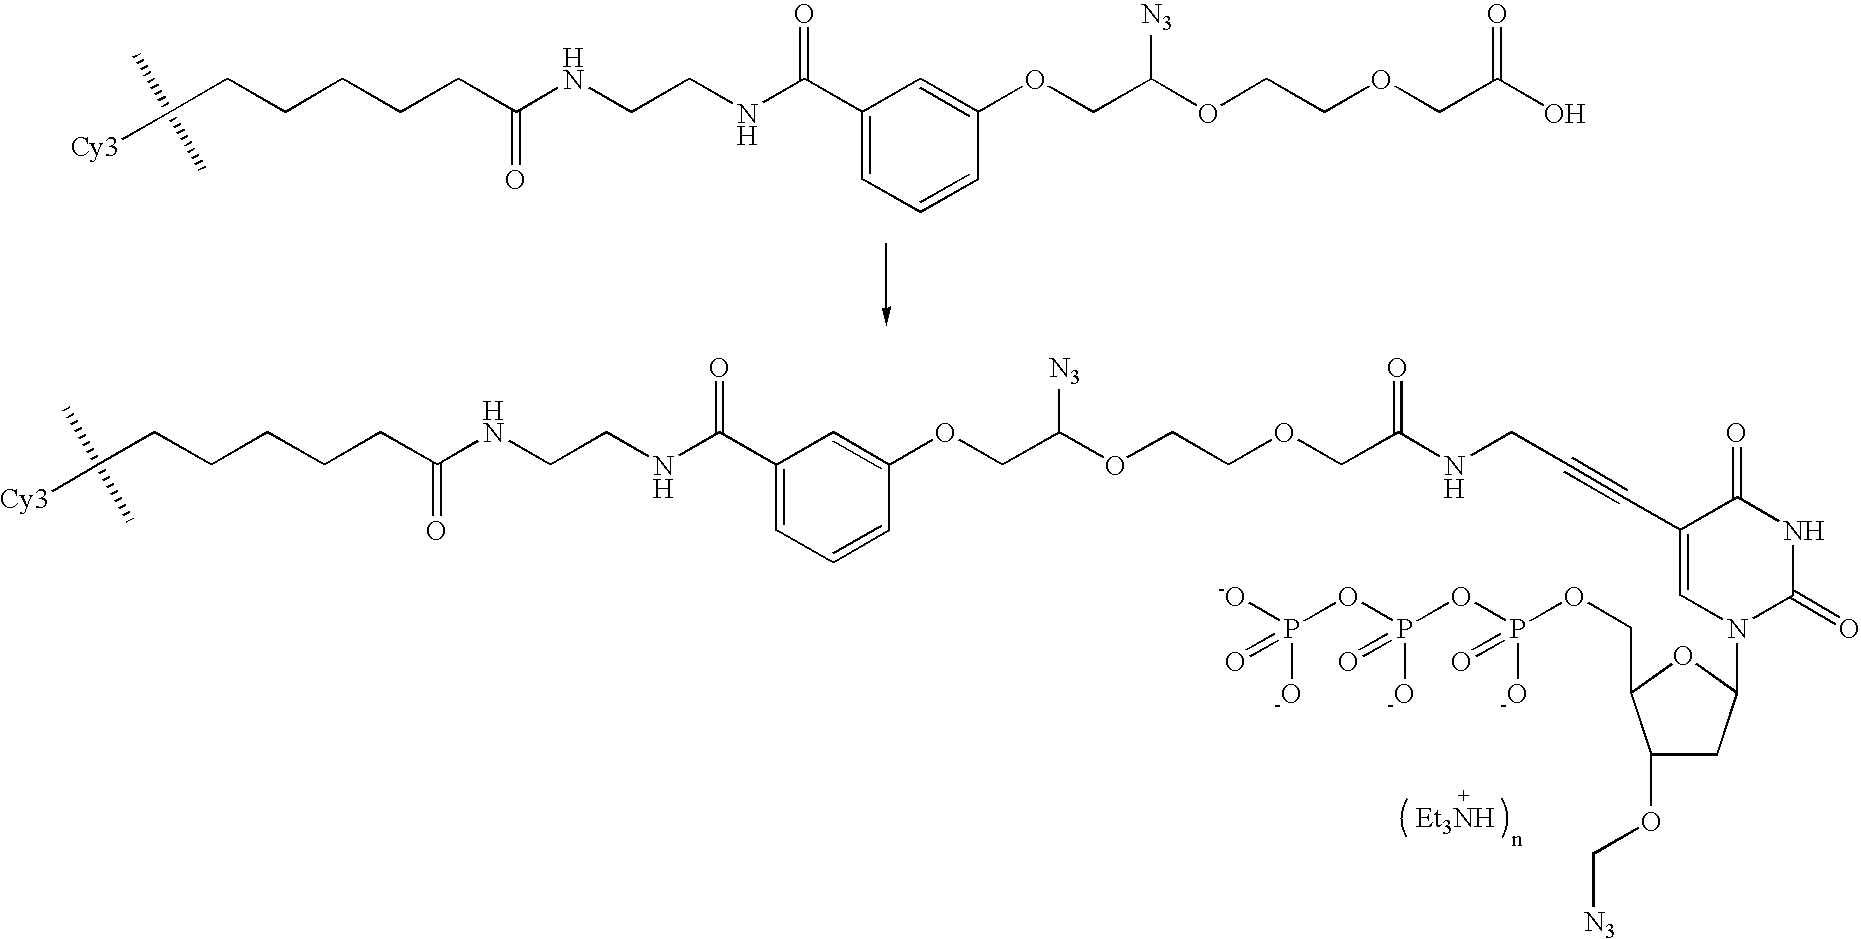 Figure US07414116-20080819-C00026